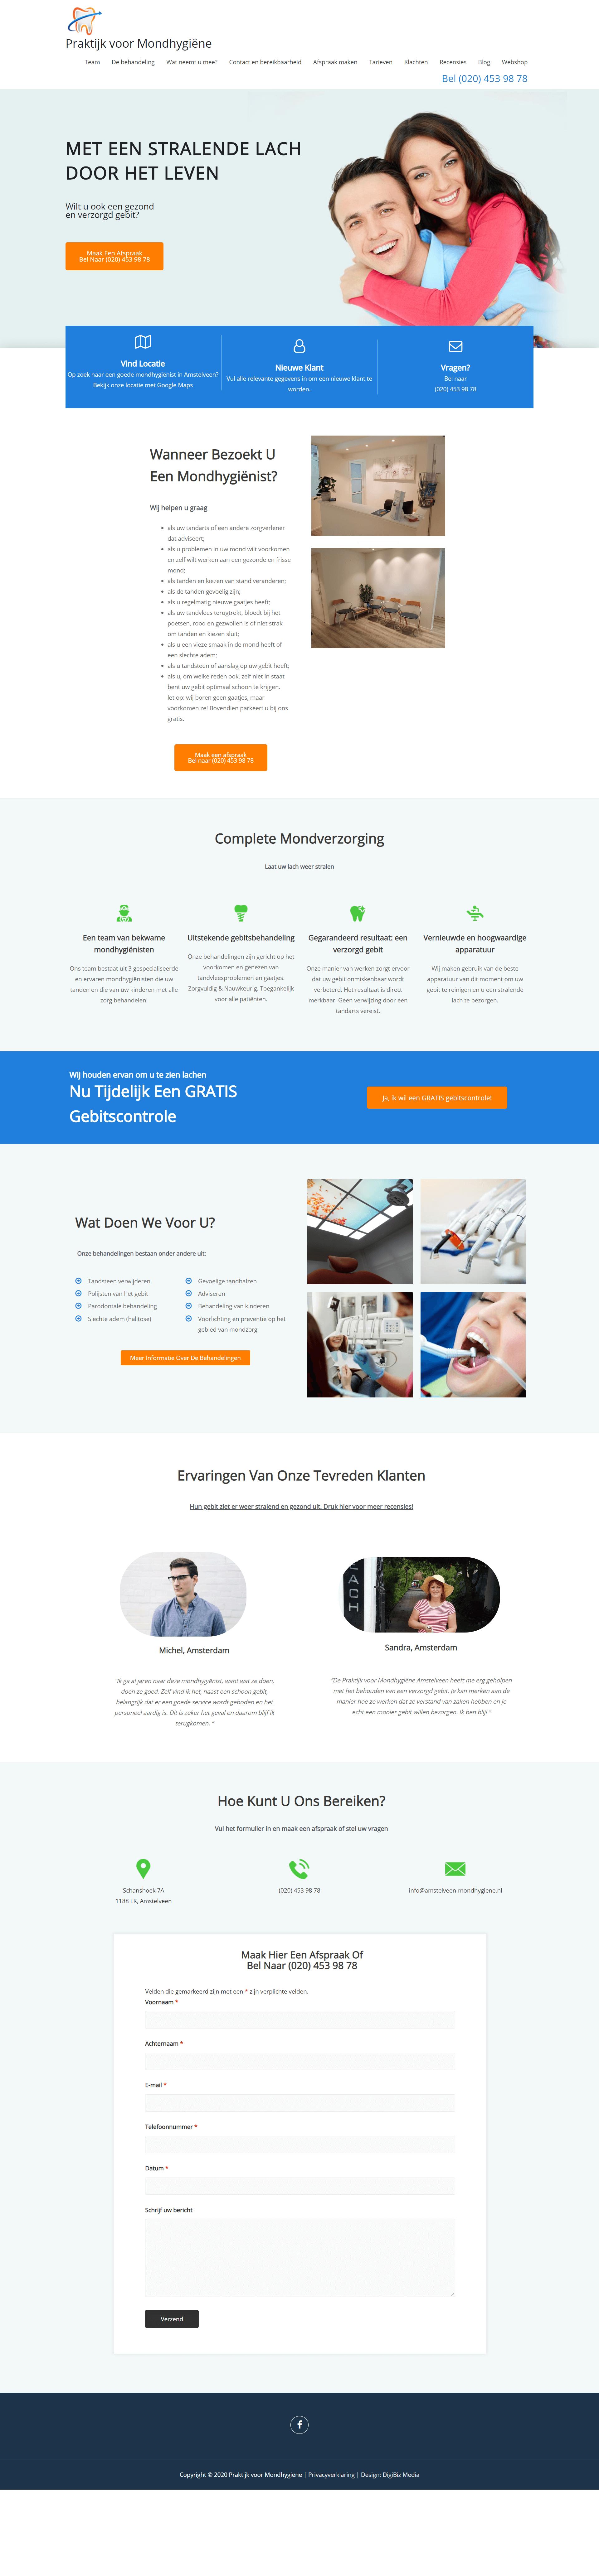 Praktijk voor mondhygiëne full website